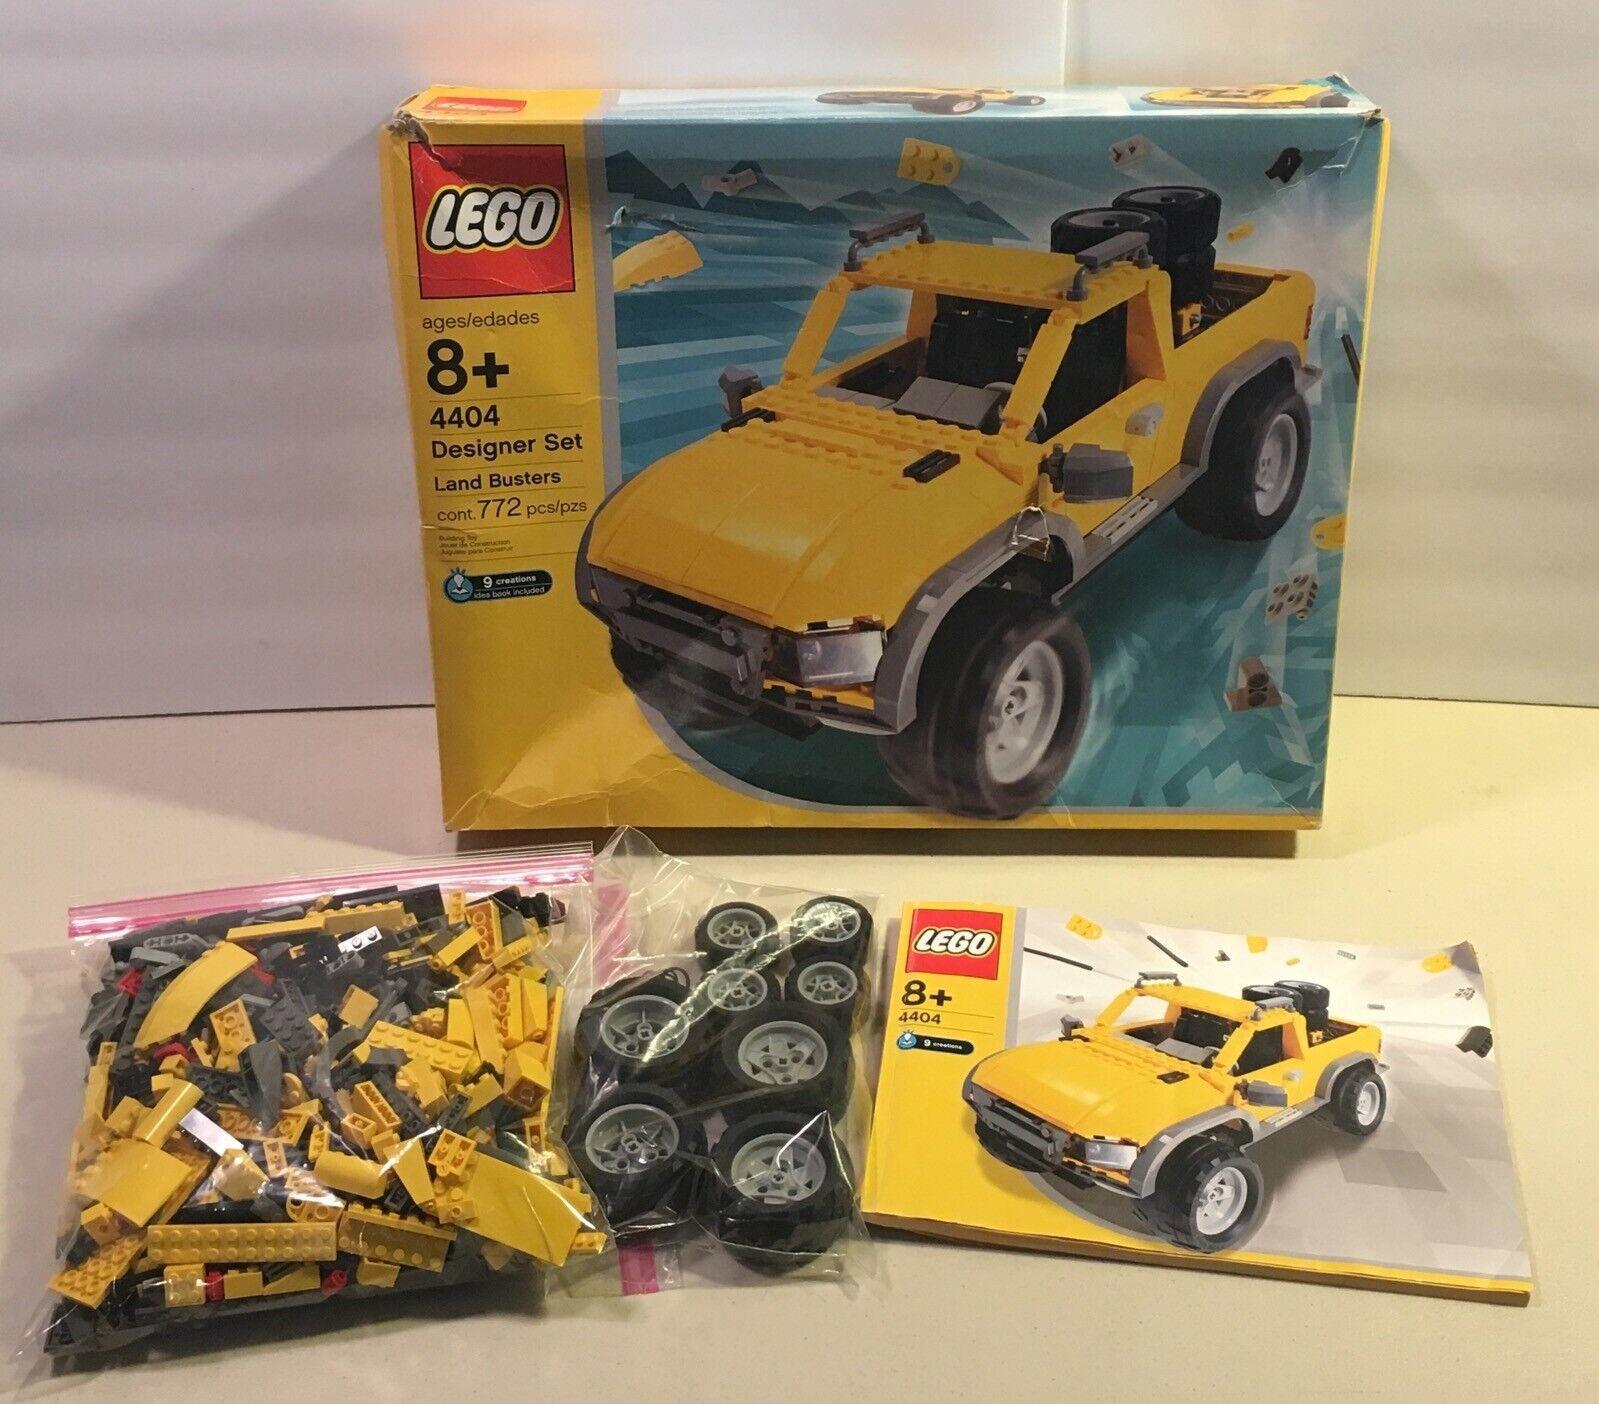 Lego 4404 Creator Diseñador Conjunto Tierra dos horas 2003 Caja Completa Manual